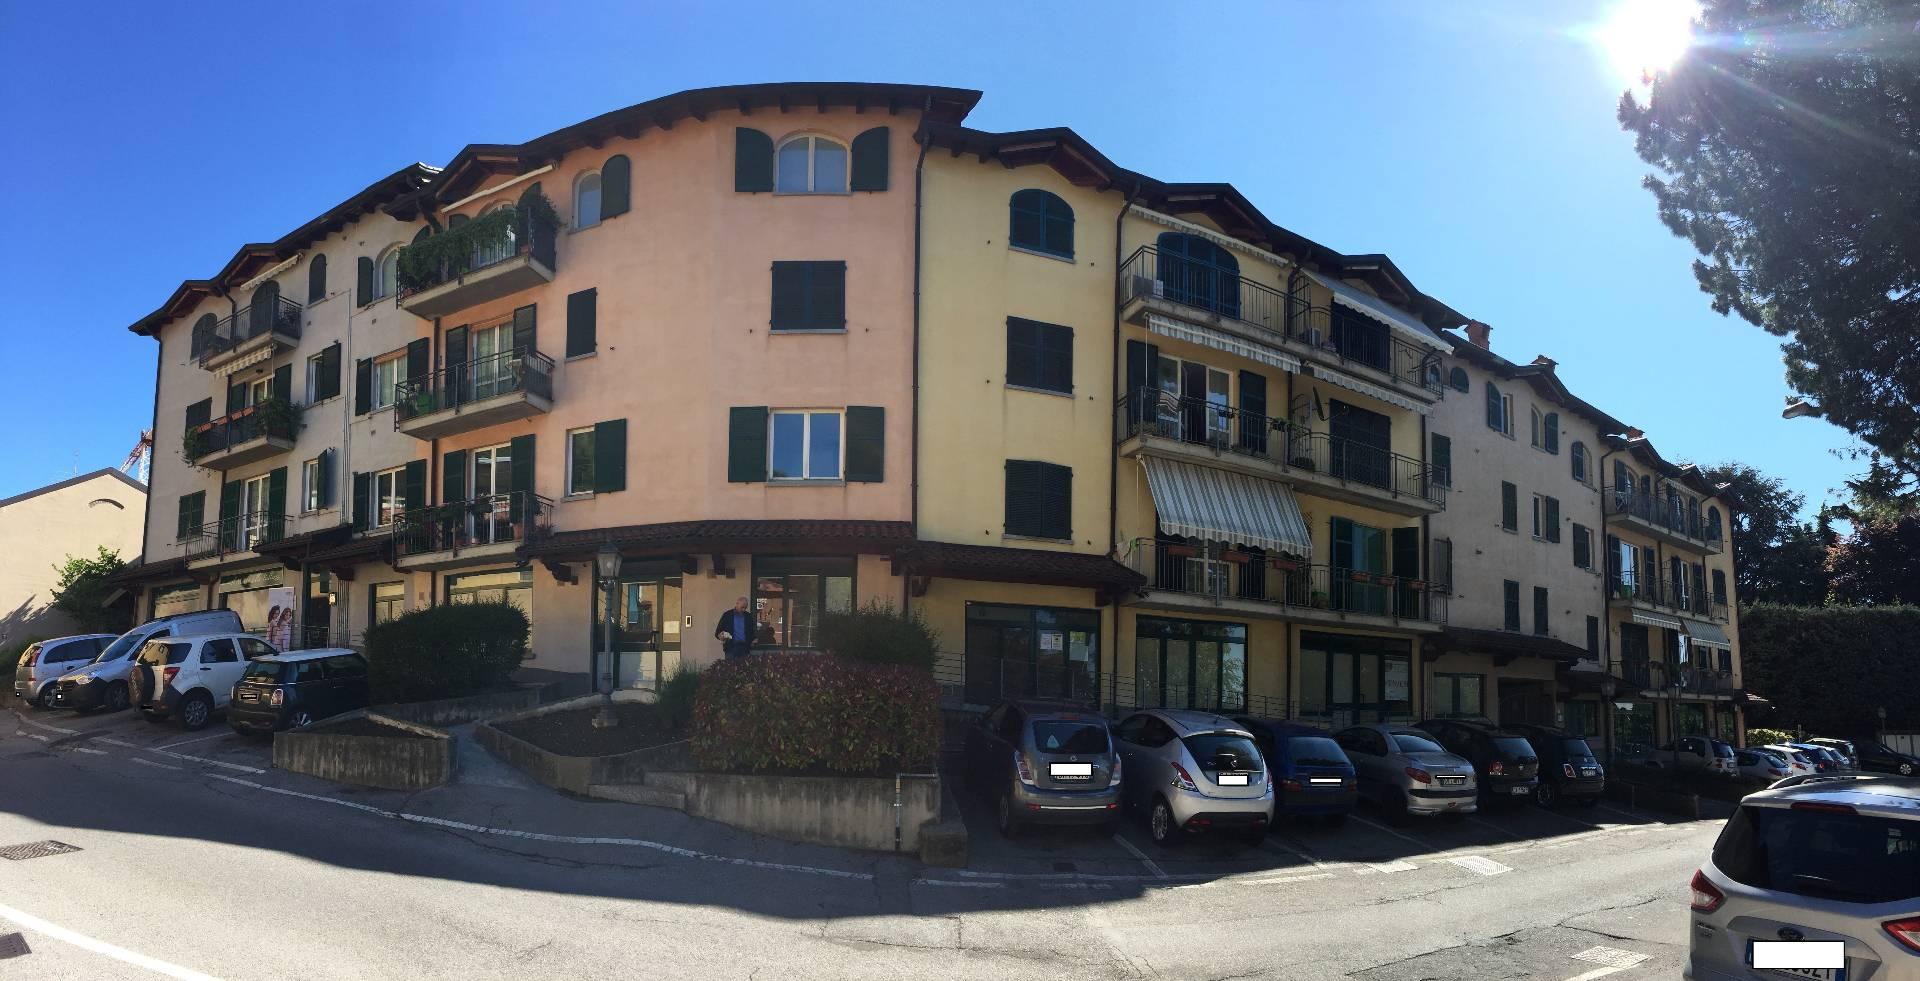 Ufficio / Studio in vendita a Ponte Lambro, 9999 locali, prezzo € 140.000 | Cambio Casa.it